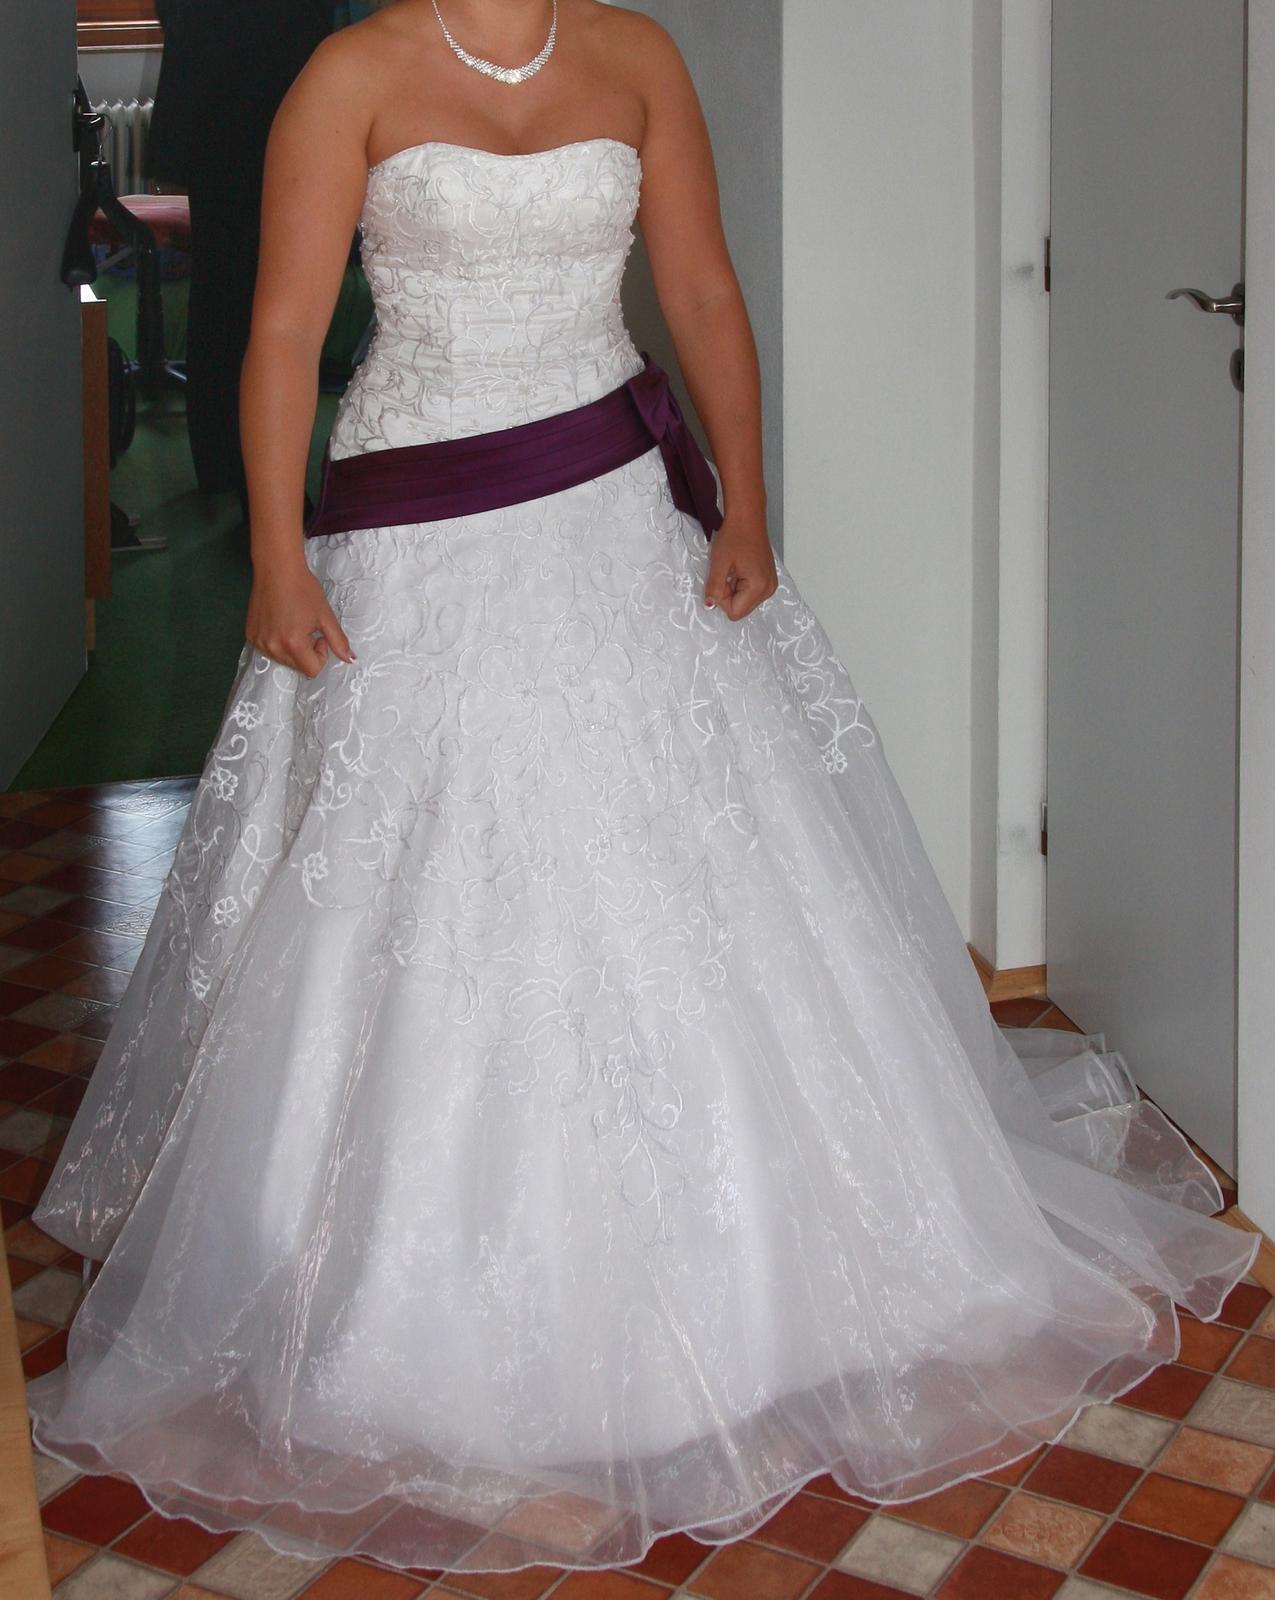 svatební šaty s fialovou mašlí - Obrázek č. 1